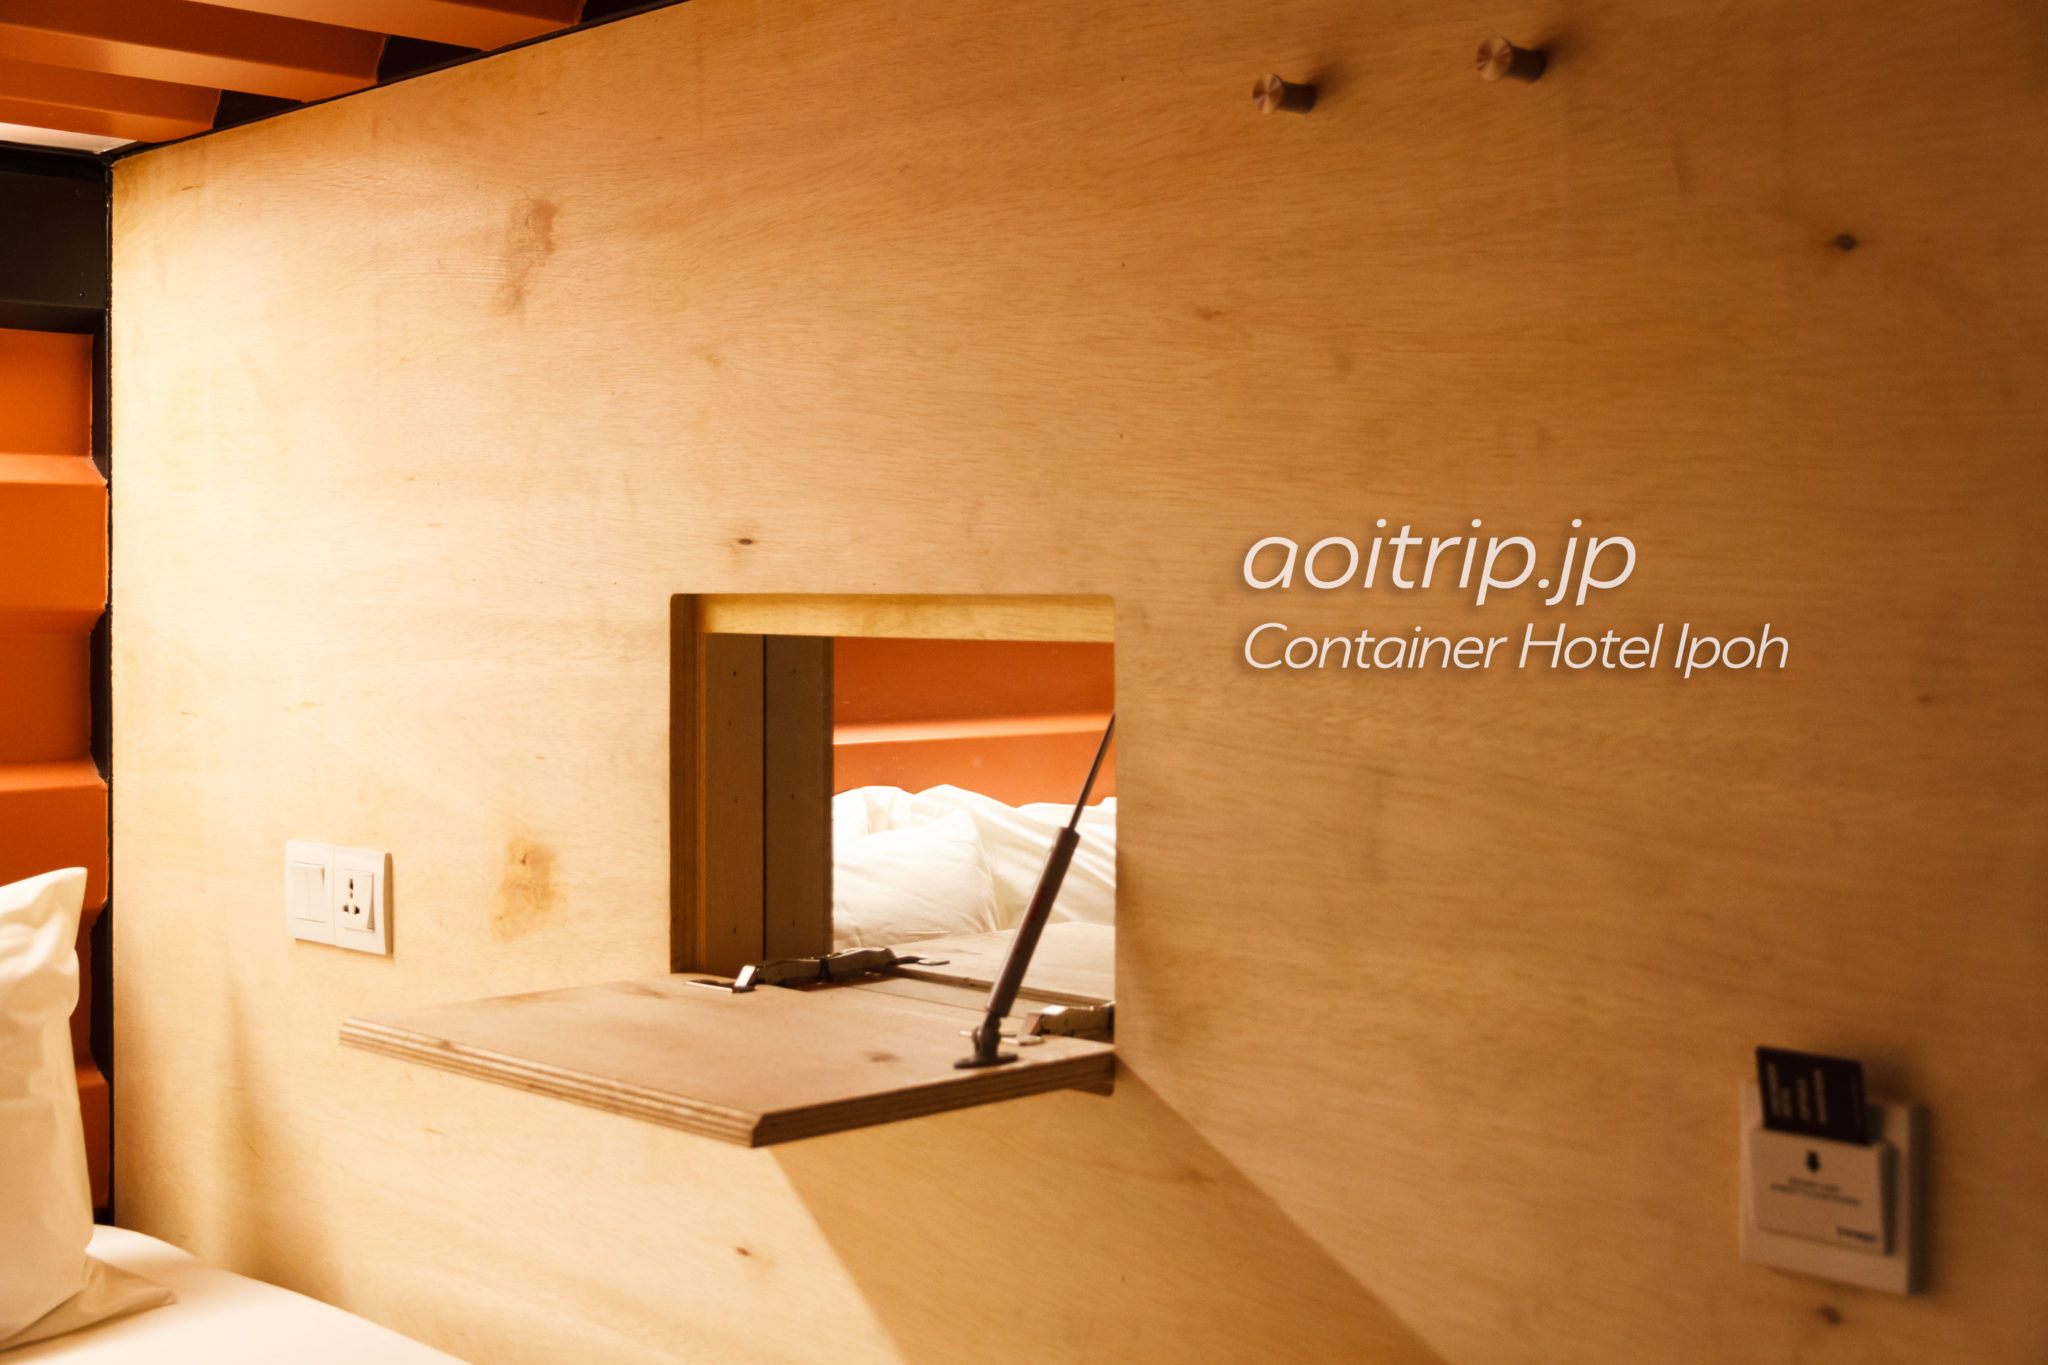 コンテナ ホテル イポー宿泊記 Container Hotel Ipoh